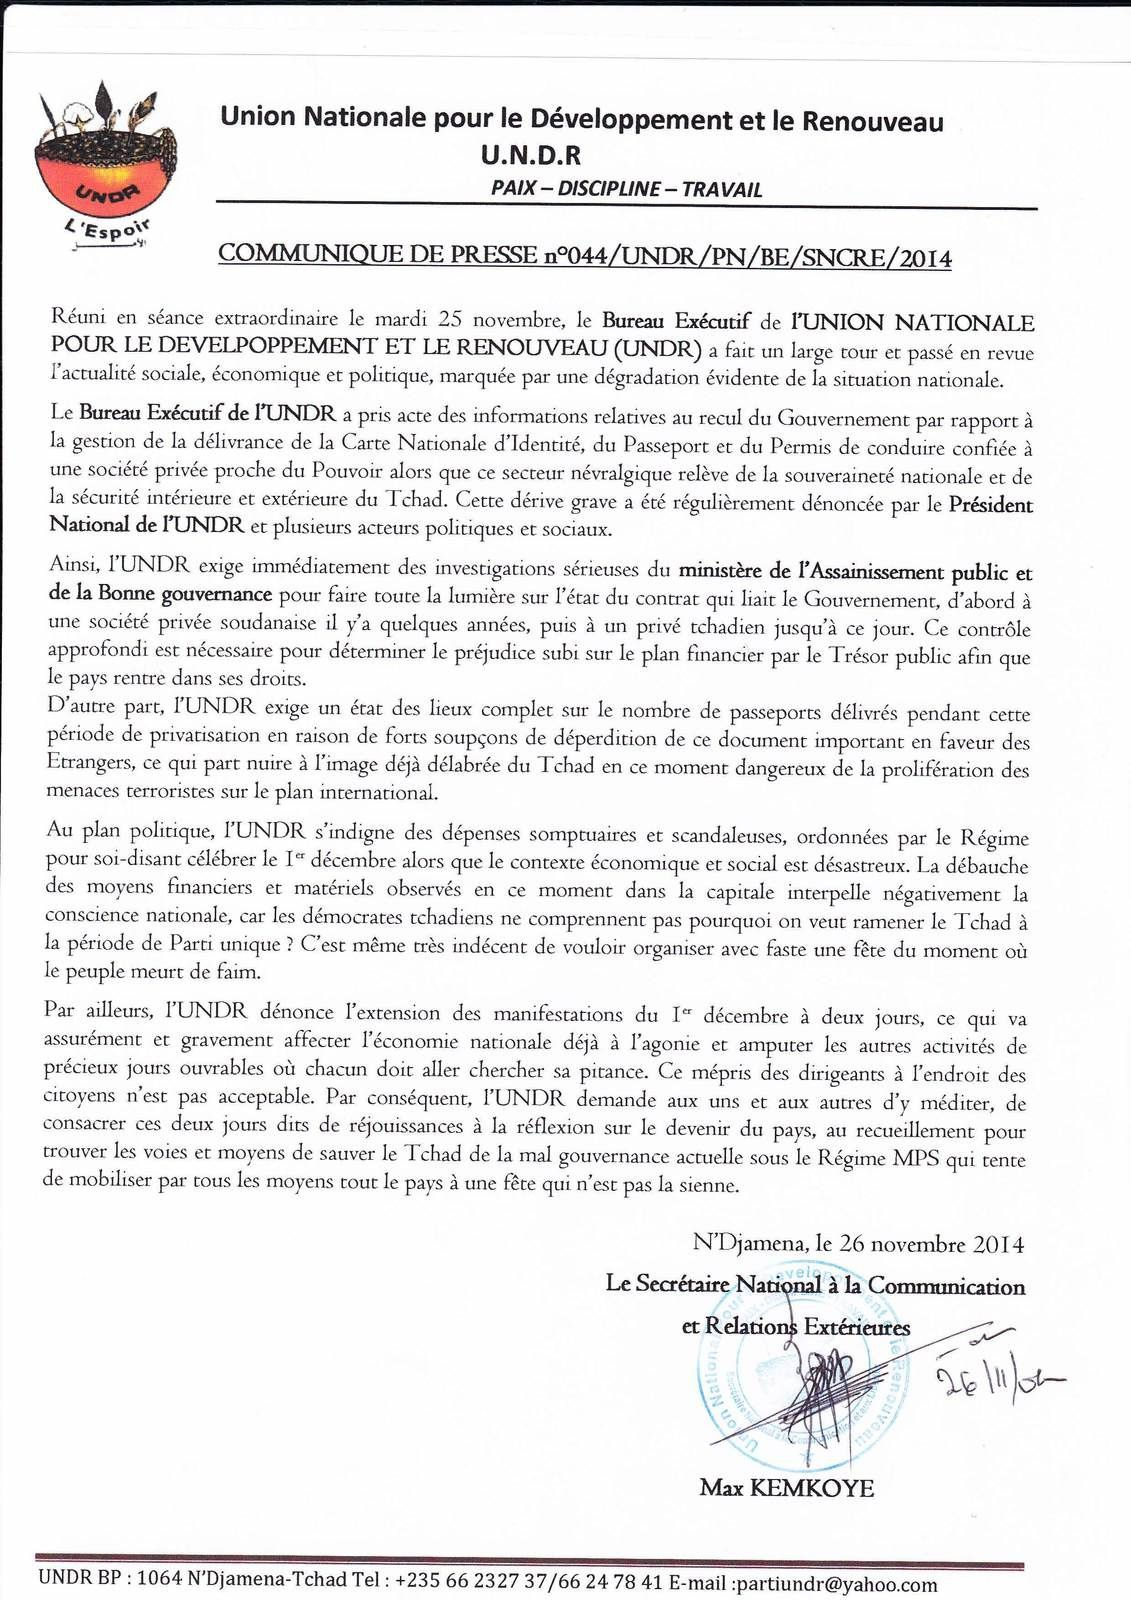 Tchad: l'UNDR interpelle le Ministère de l'Assainissement et de la Bonne gouvernance